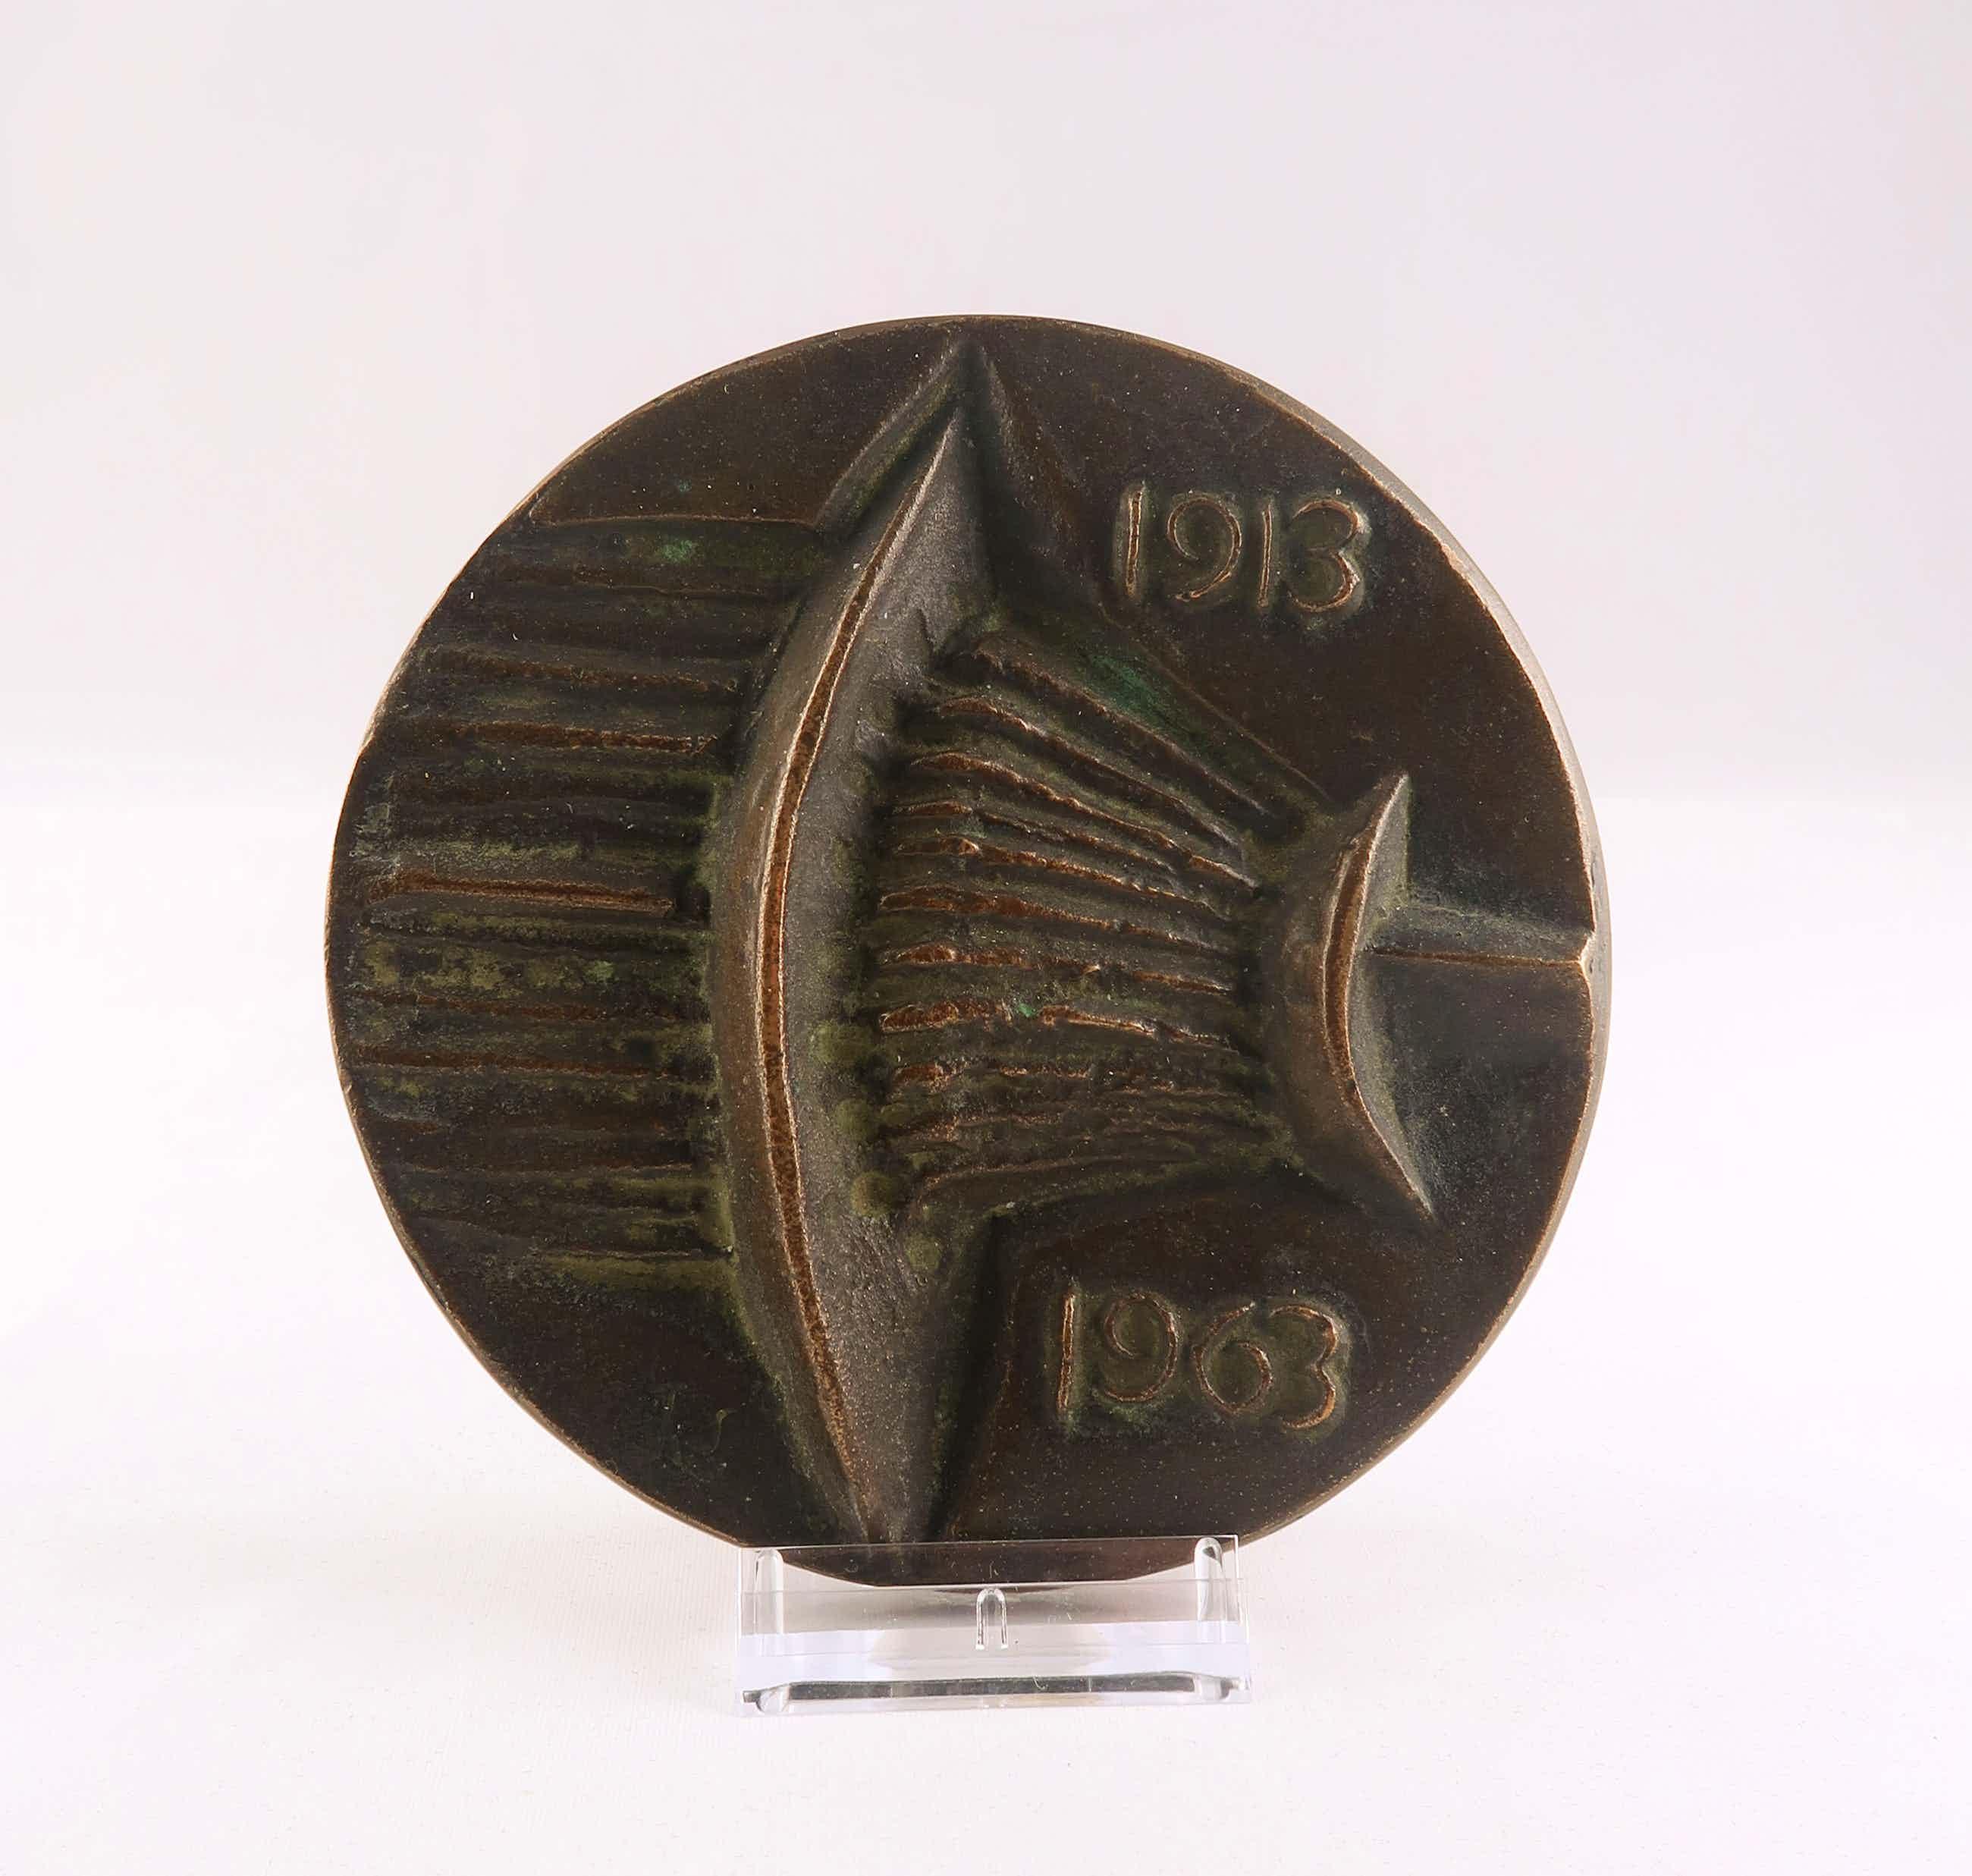 Jan Snoeck - Bronzen penning, NKF 1913 - 1963 kopen? Bied vanaf 50!